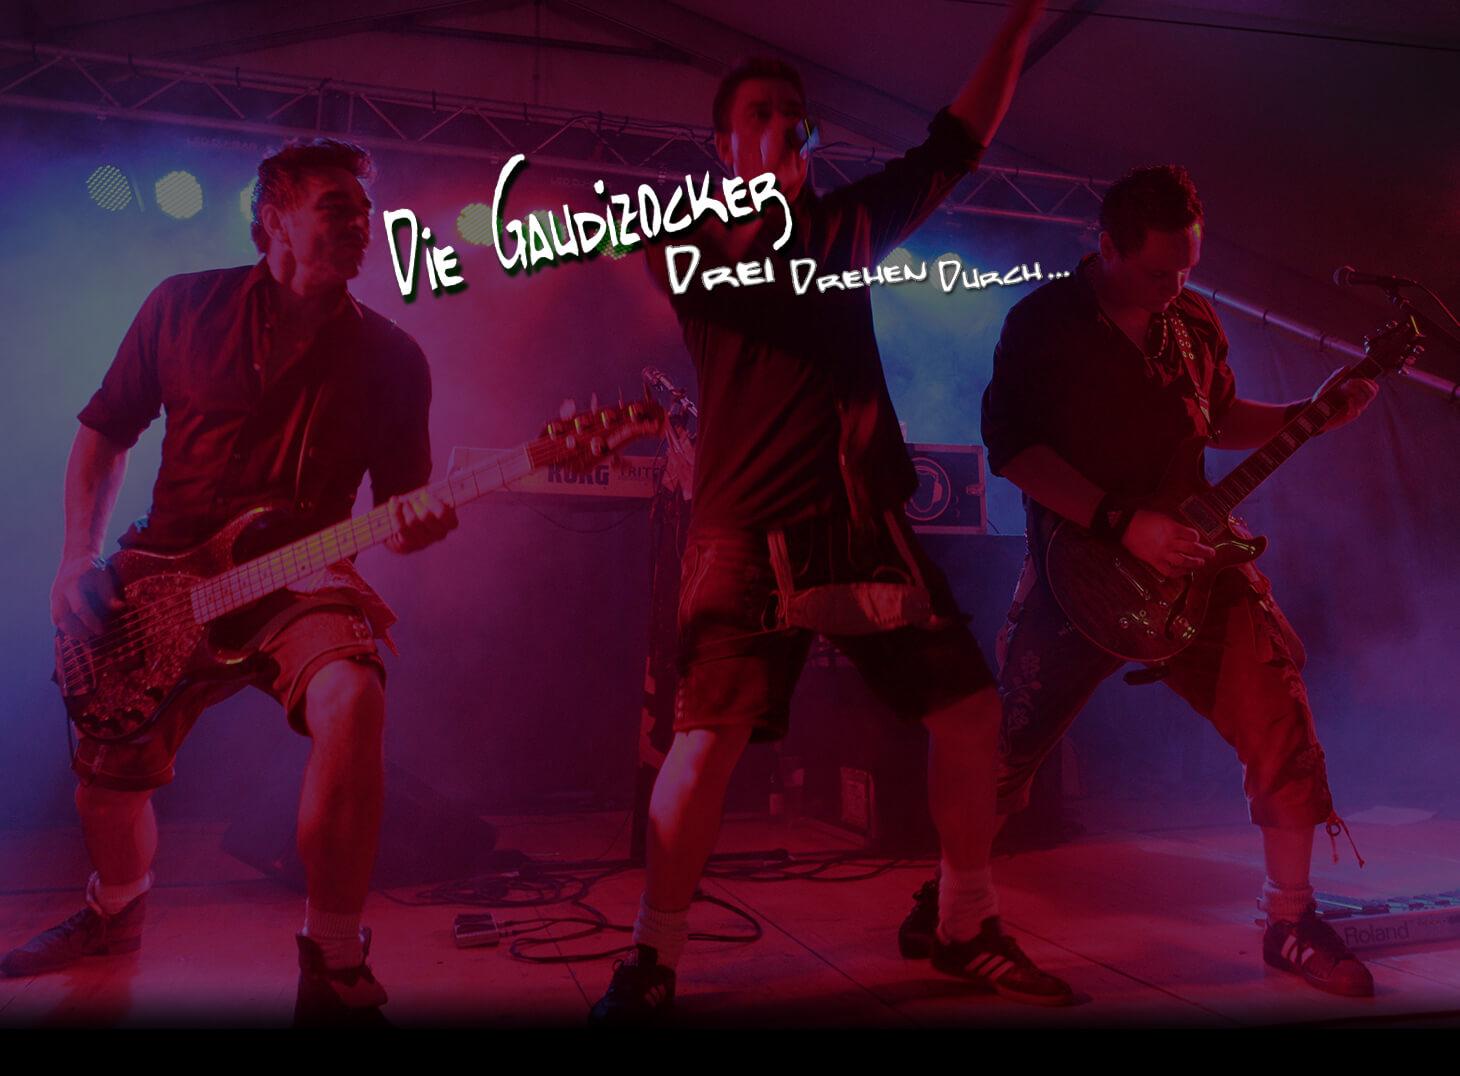 Hintergrundbild Die Gaudizocker Band